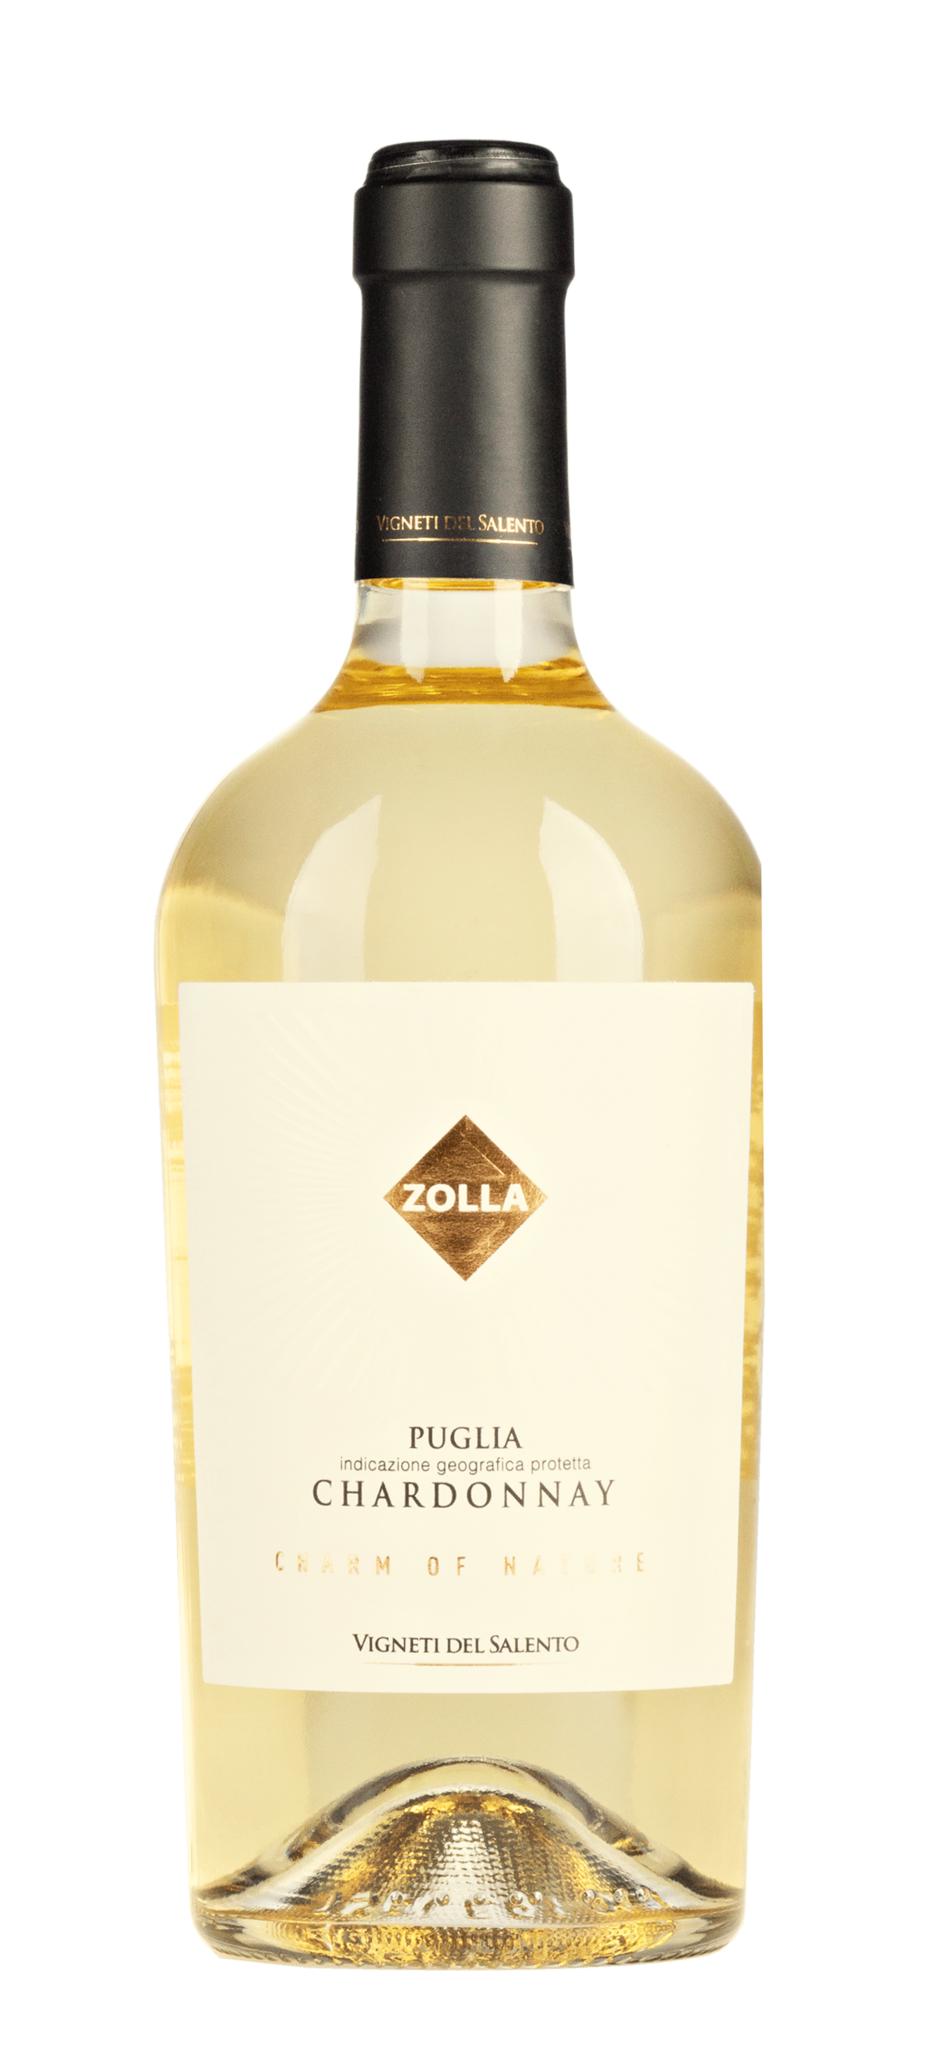 Farnese, Mittel- & Süditalien 2020 Zolla Chardonnay Puglia, Vigneti di Salento, Farnese